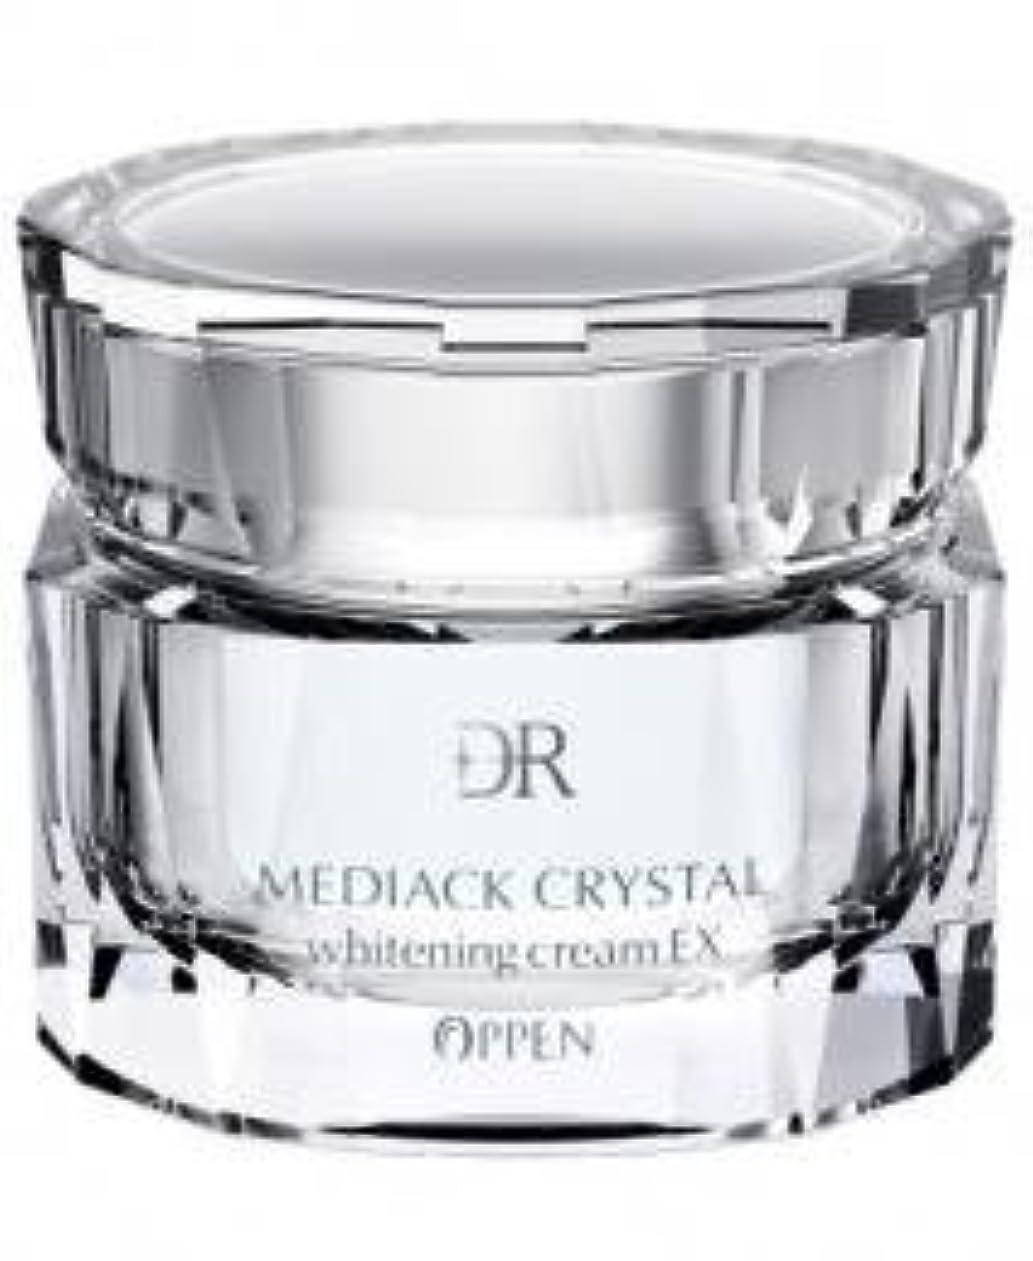 公爵夫人レイア発症オッペン化粧品【OPPEN】 DRメディアッククリスタル ホワイトニングクリーム 35g